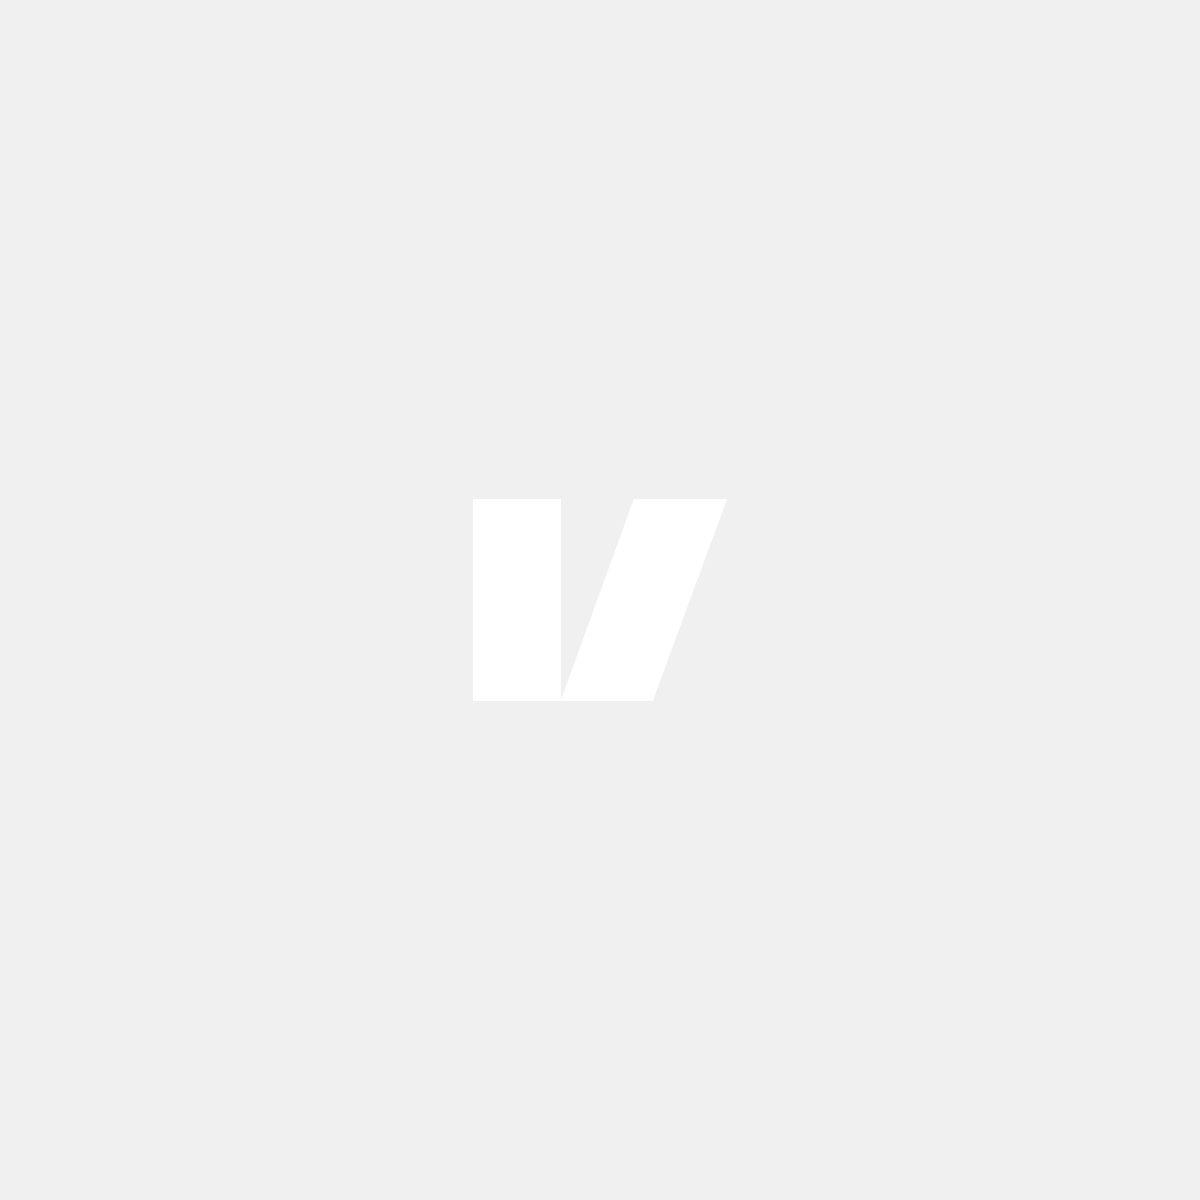 Sänkningssats till Volvo Amazon 40/40mm